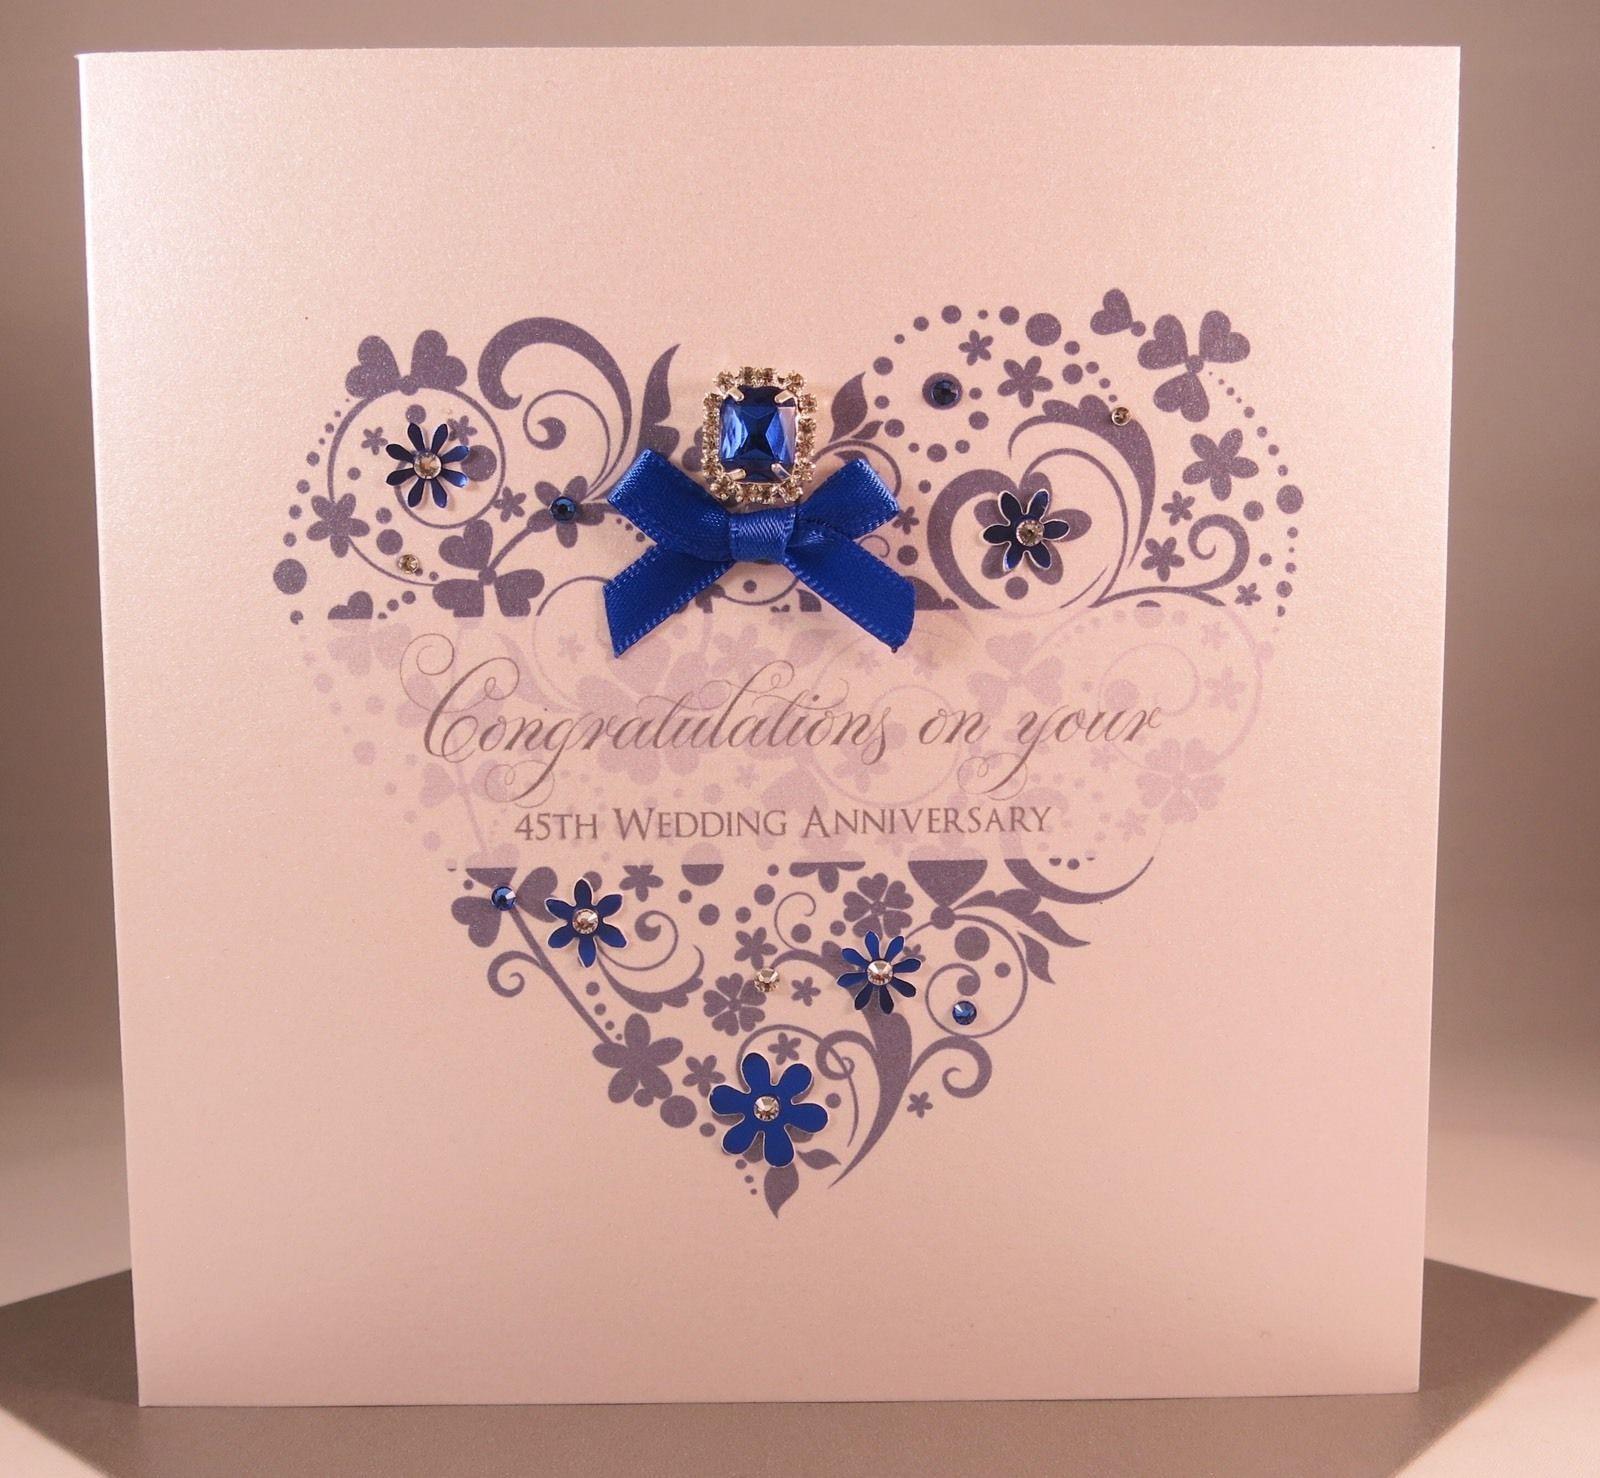 475 GBP Luxury Sapphire 45Th Wedding